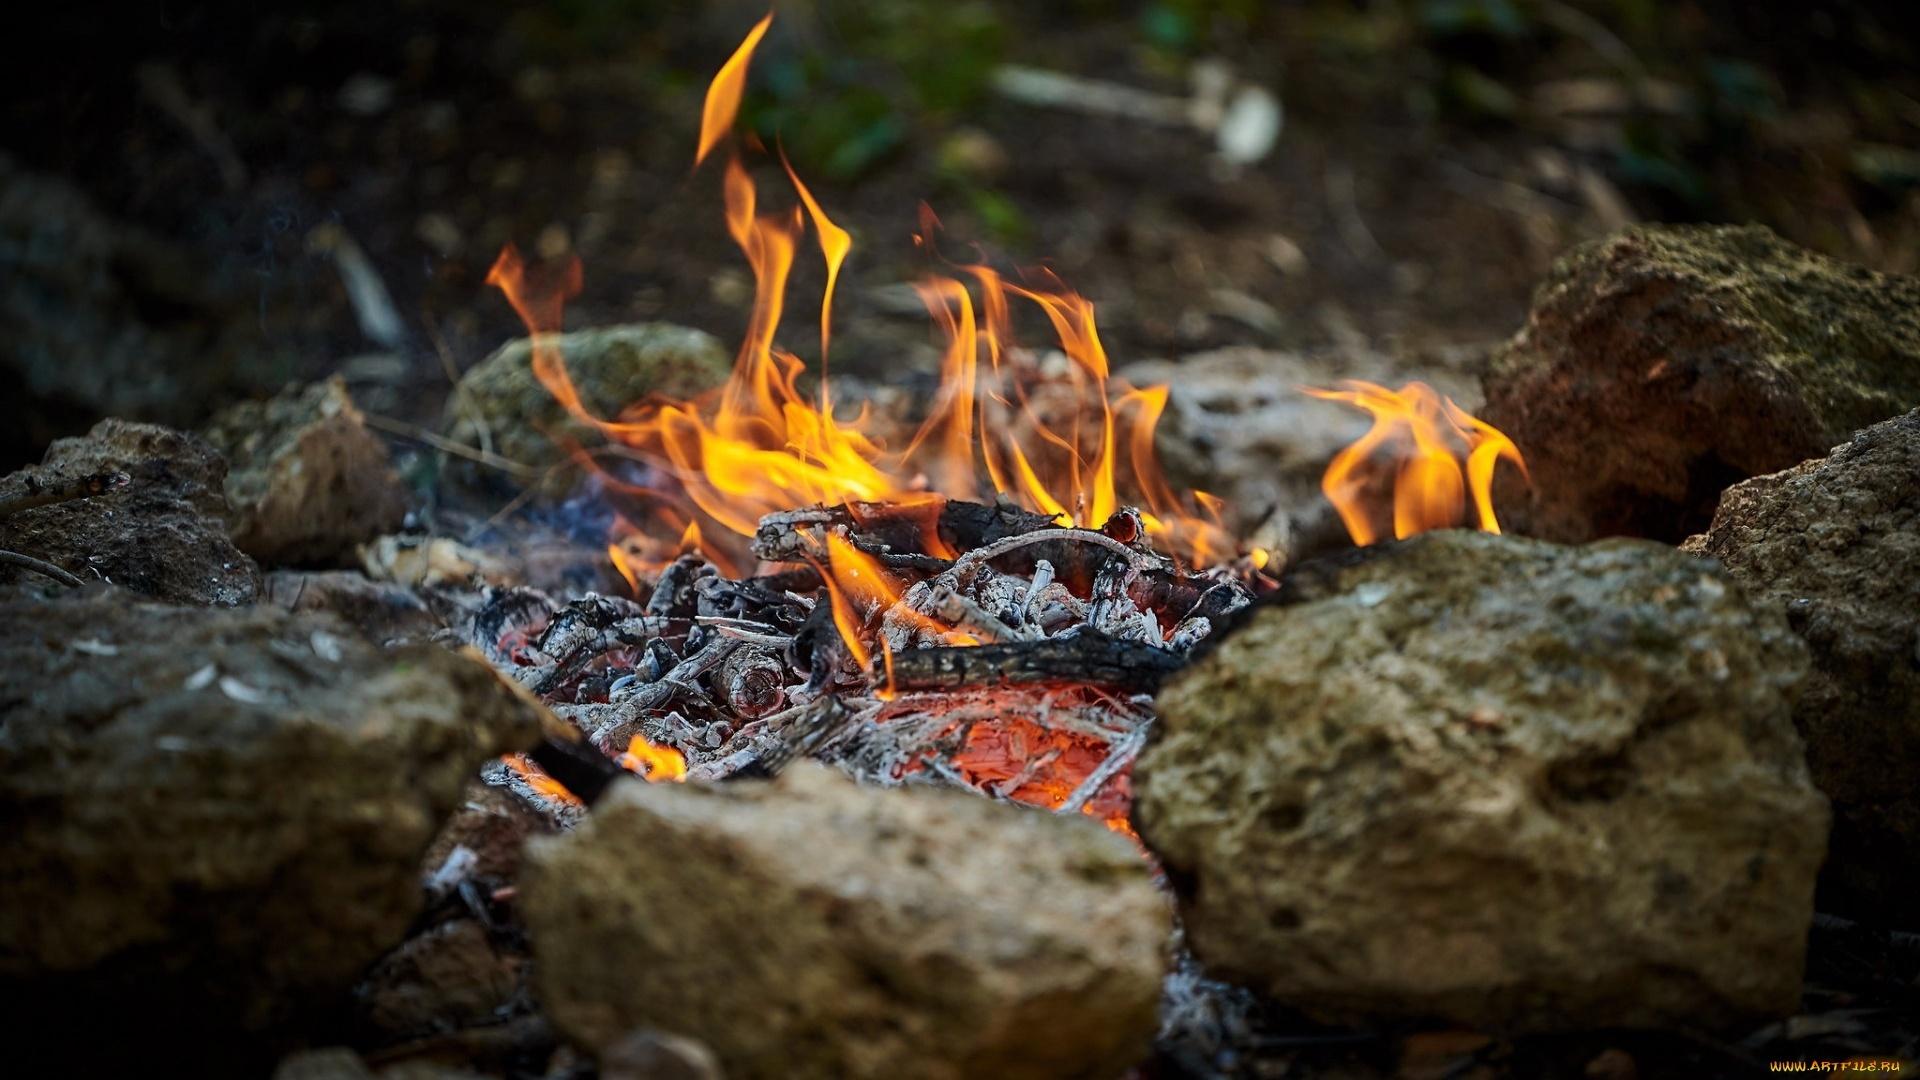 Bonfire Picture